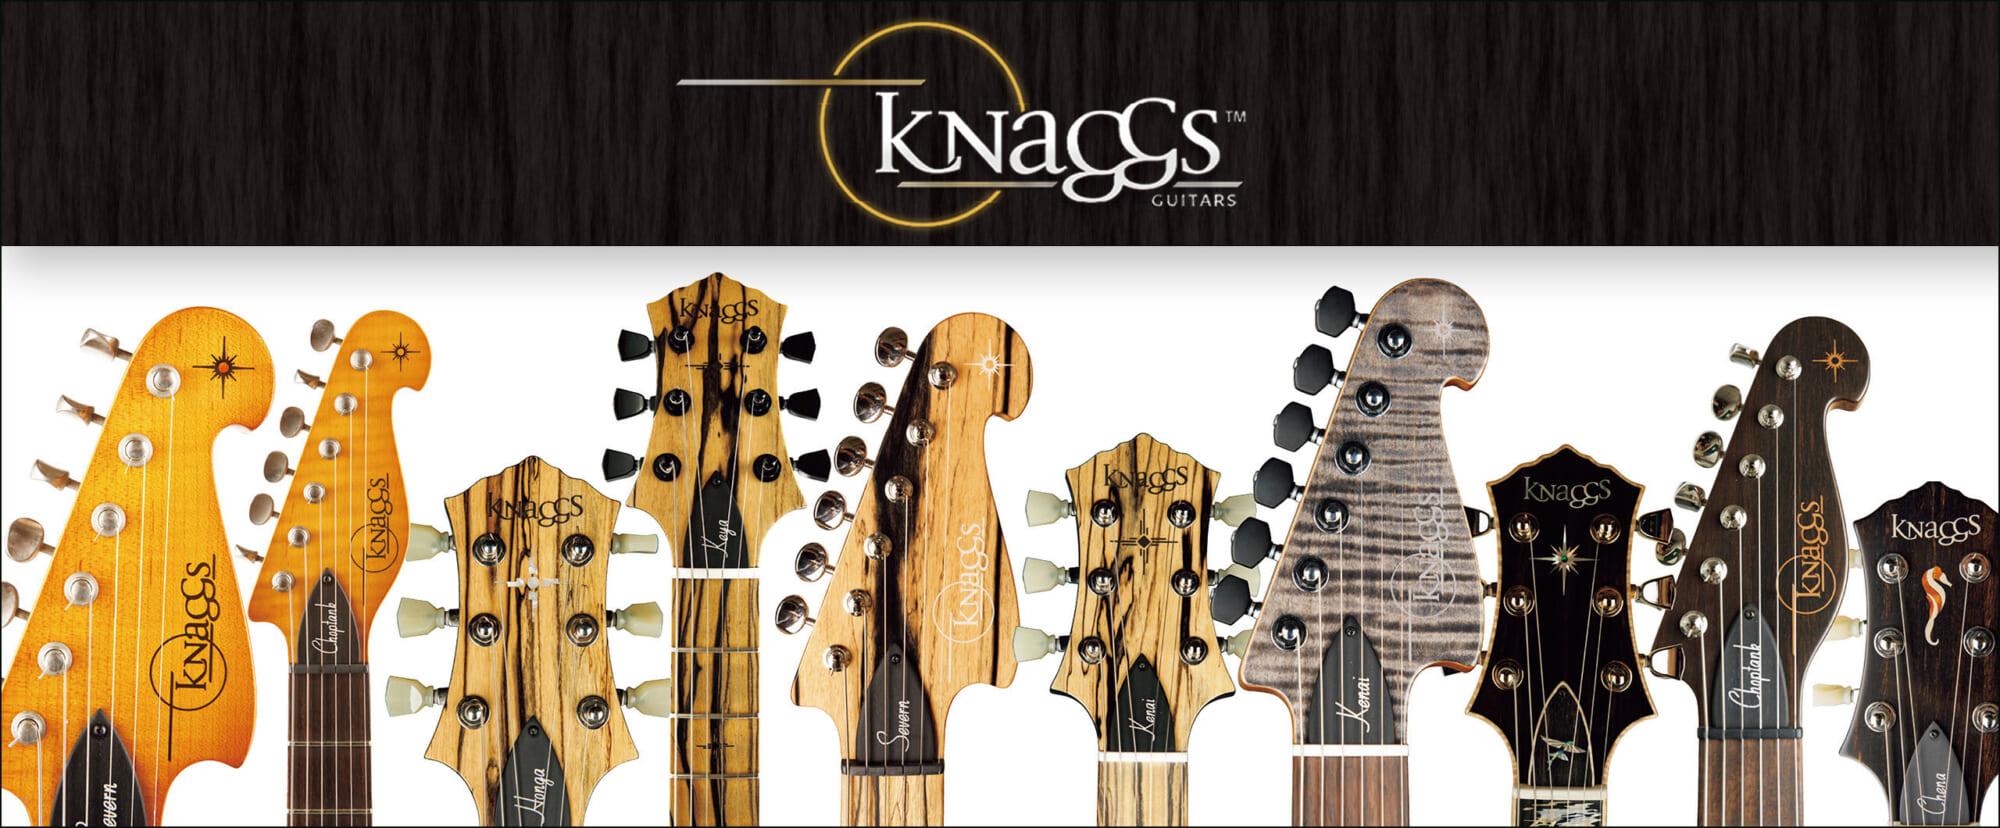 Knaggs Guitarsトップ・ビルダーが練り上げる美しきハイエンド・ギター